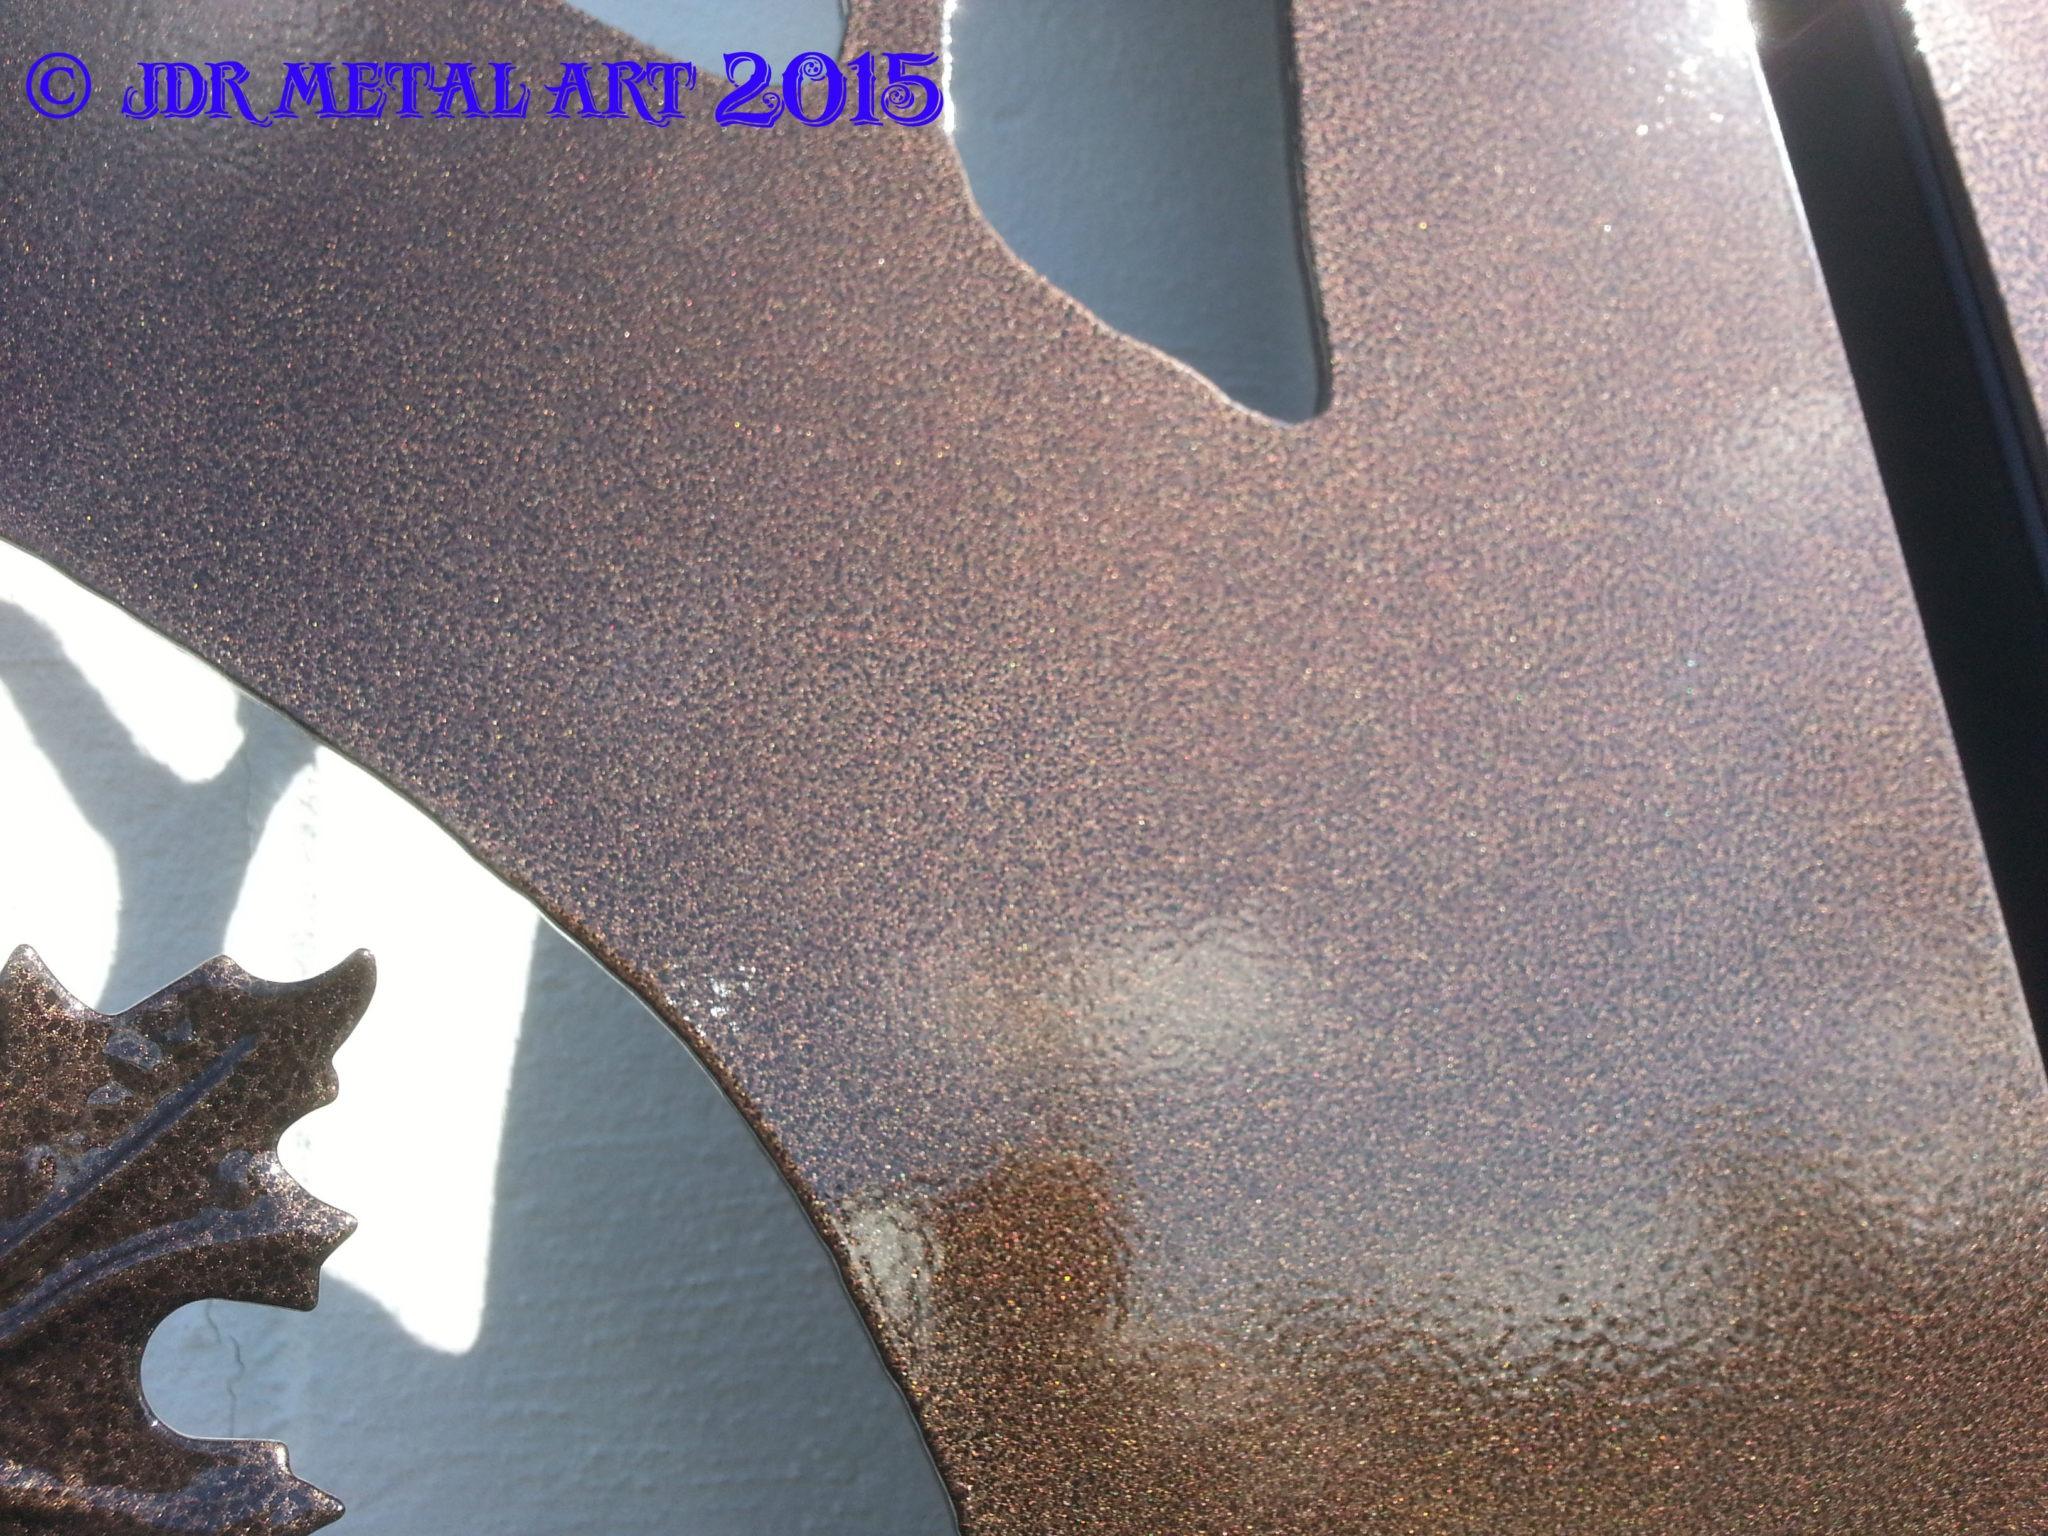 Powder coated oak tree driveway gate atlas copper finish by JDR Metal Art